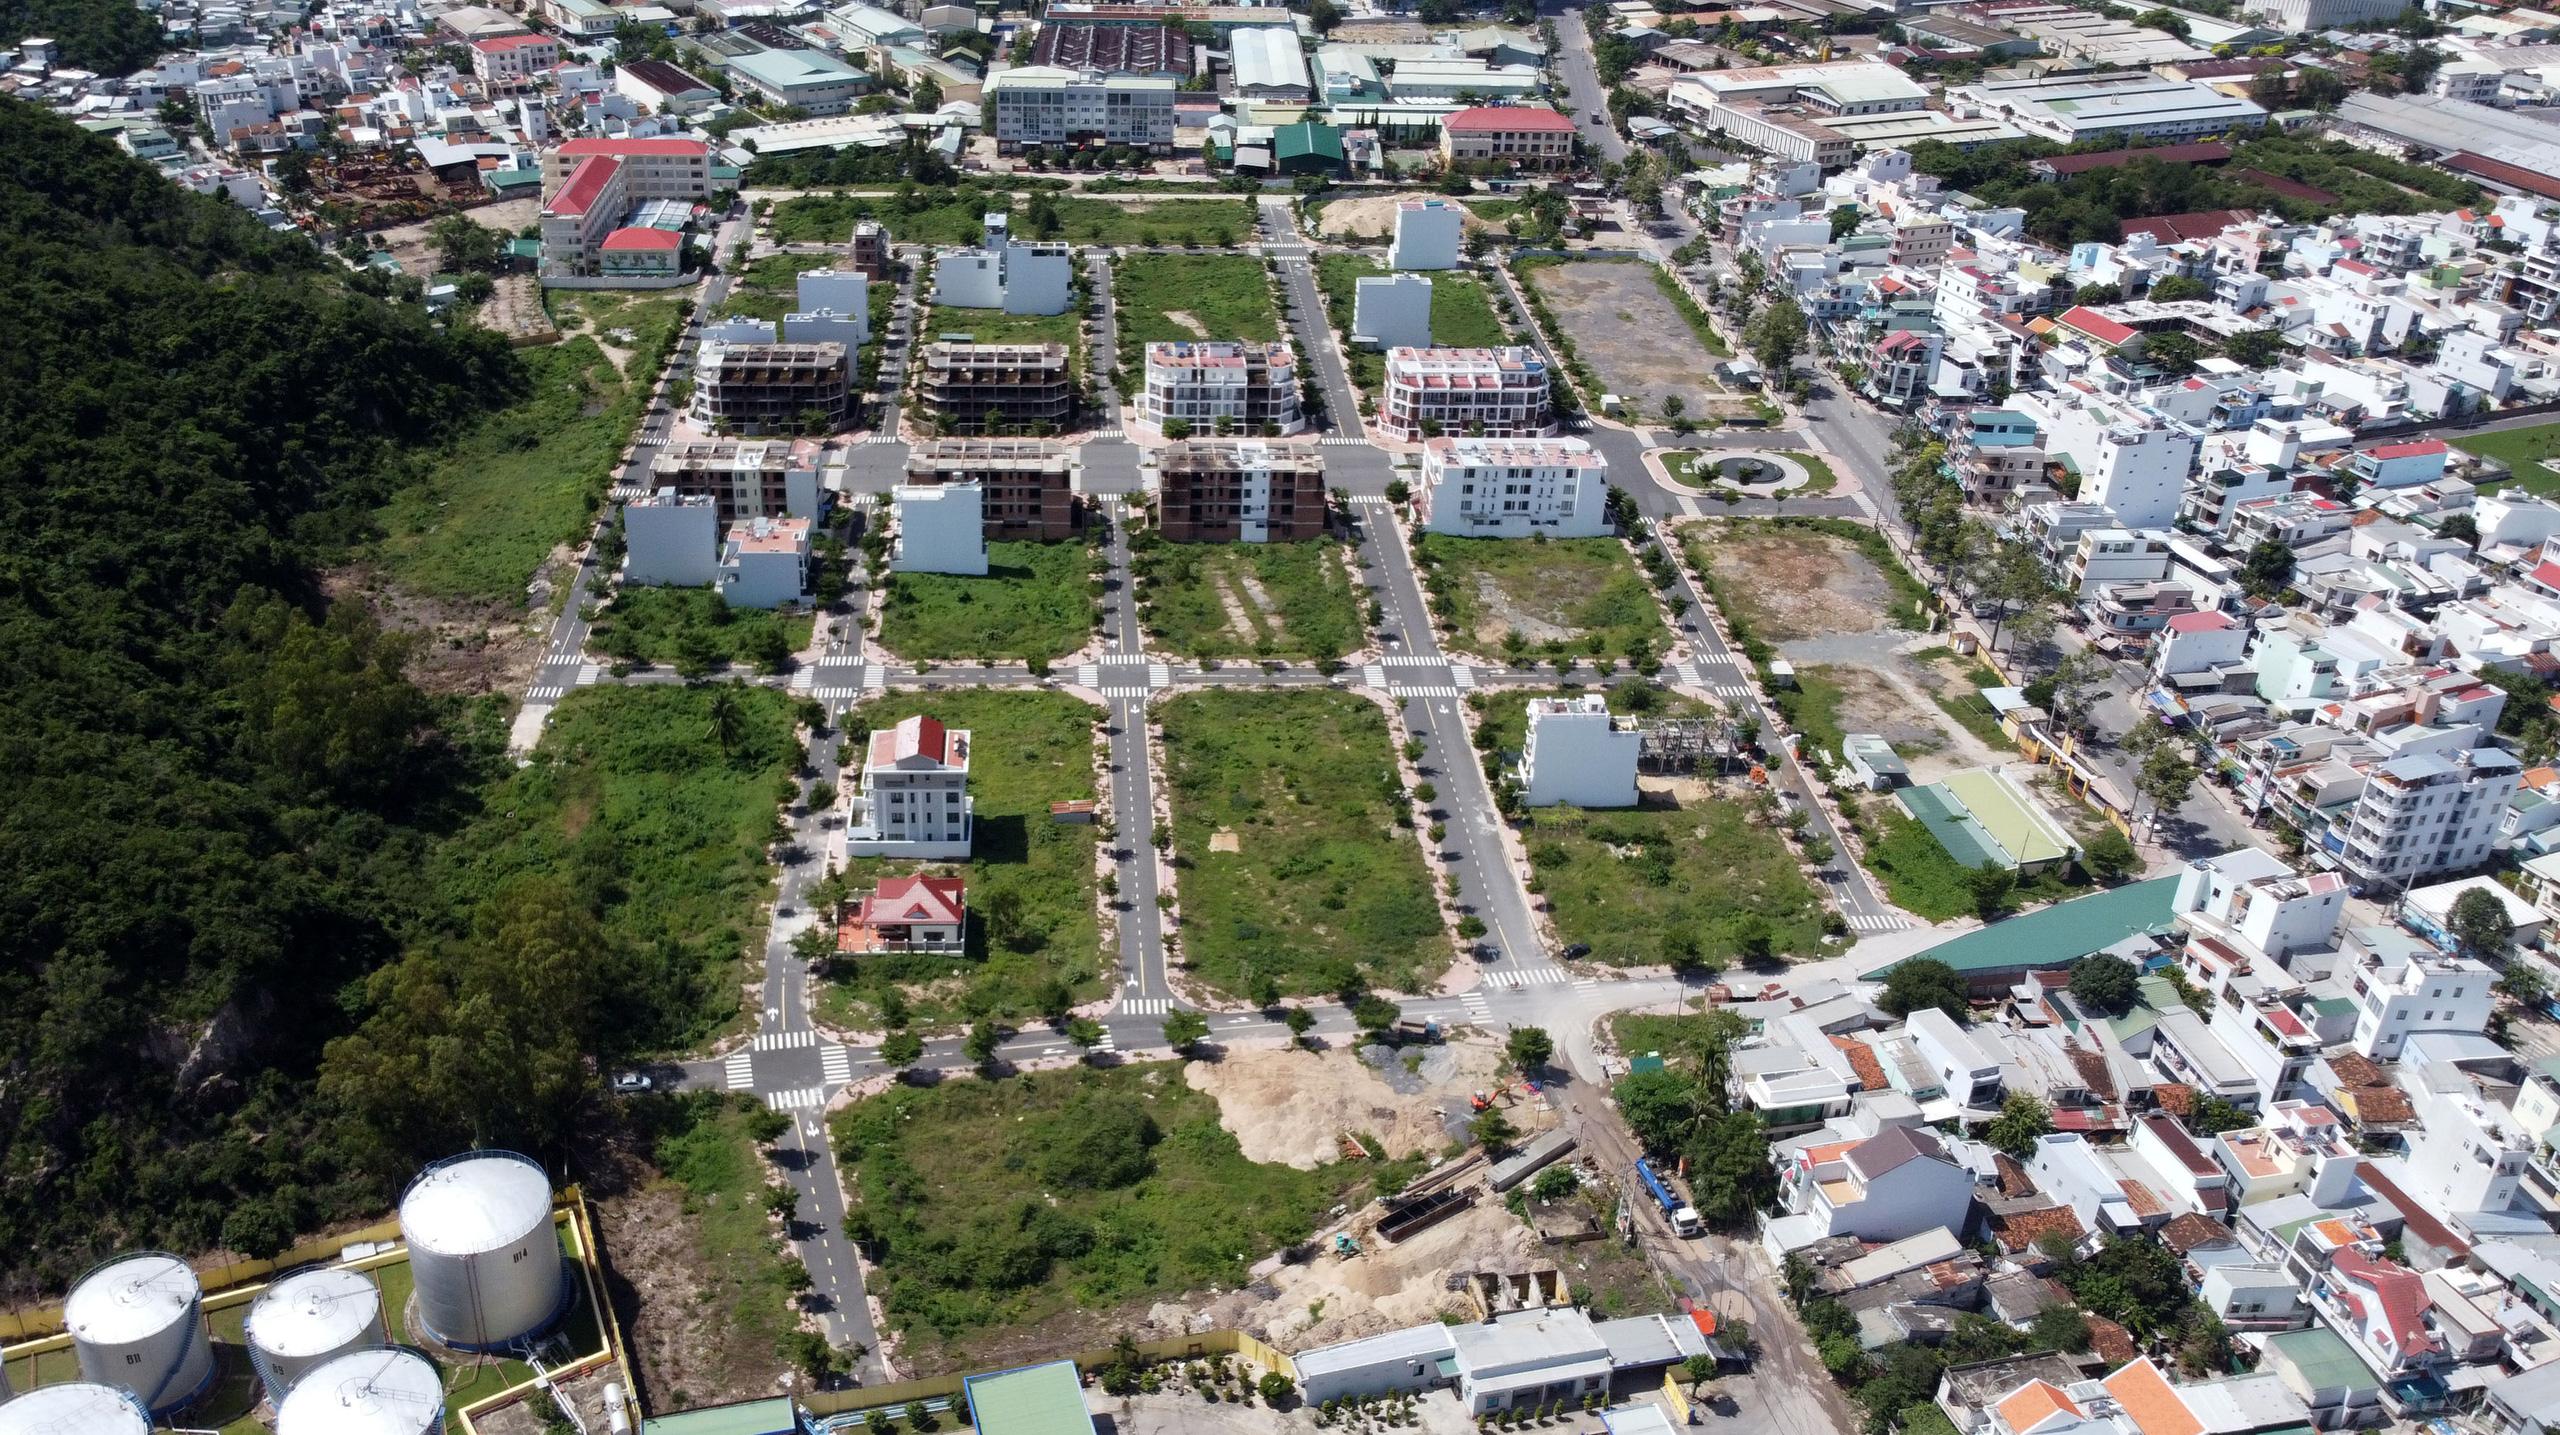 Hàng loạt căn hộ bỏ hoang, vắng chủ tại KĐT Mipeco - Nha Trang - Ảnh 5.